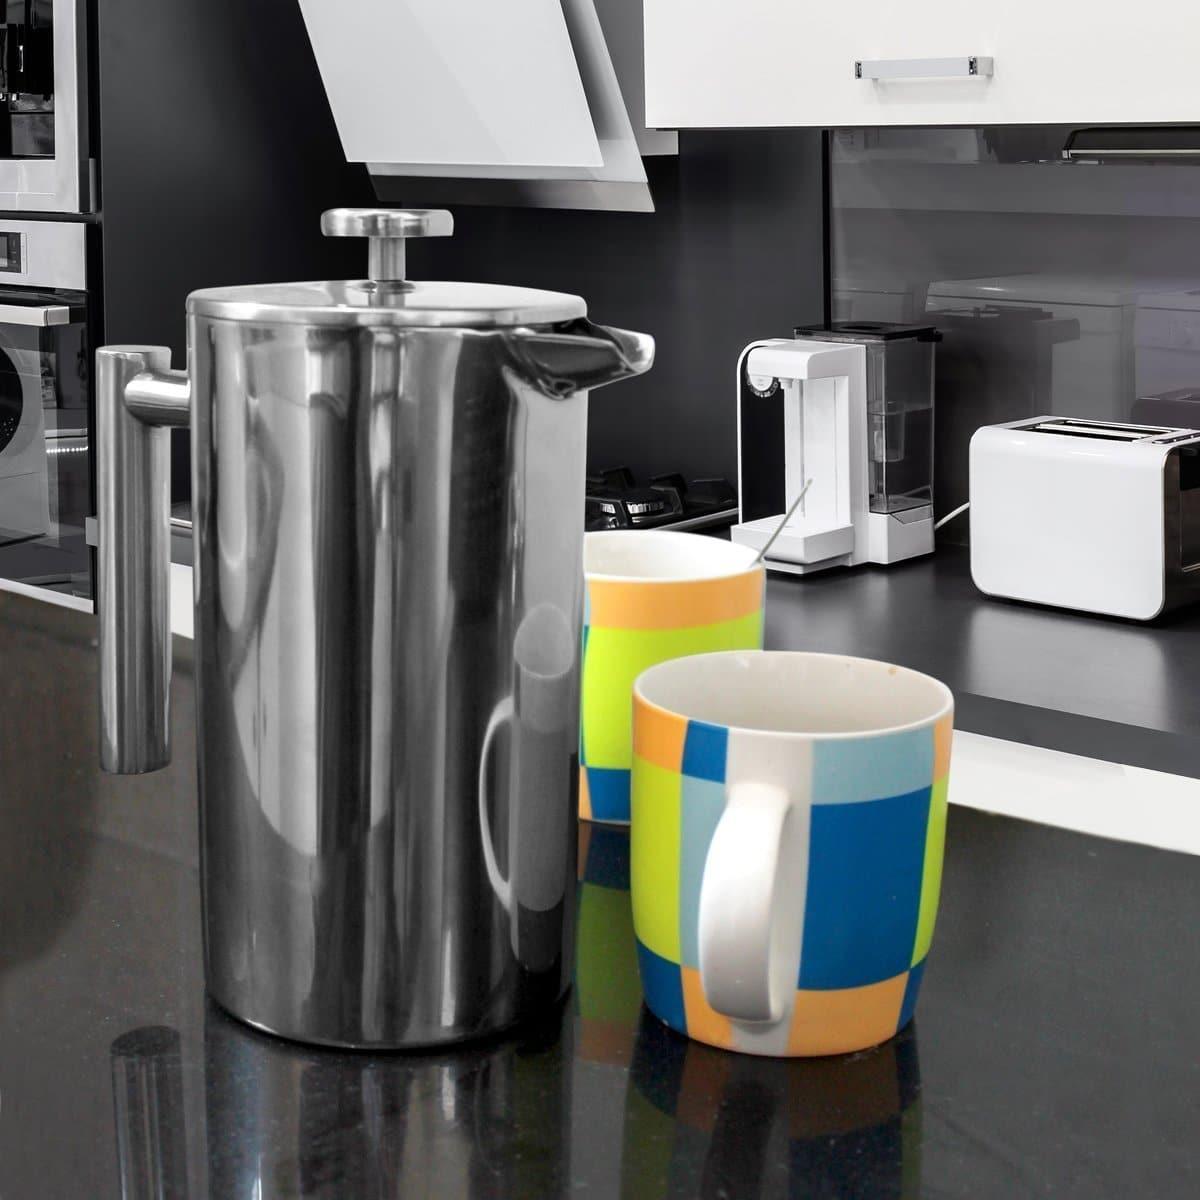 French Coffee Press Espresso & Tea Maker info